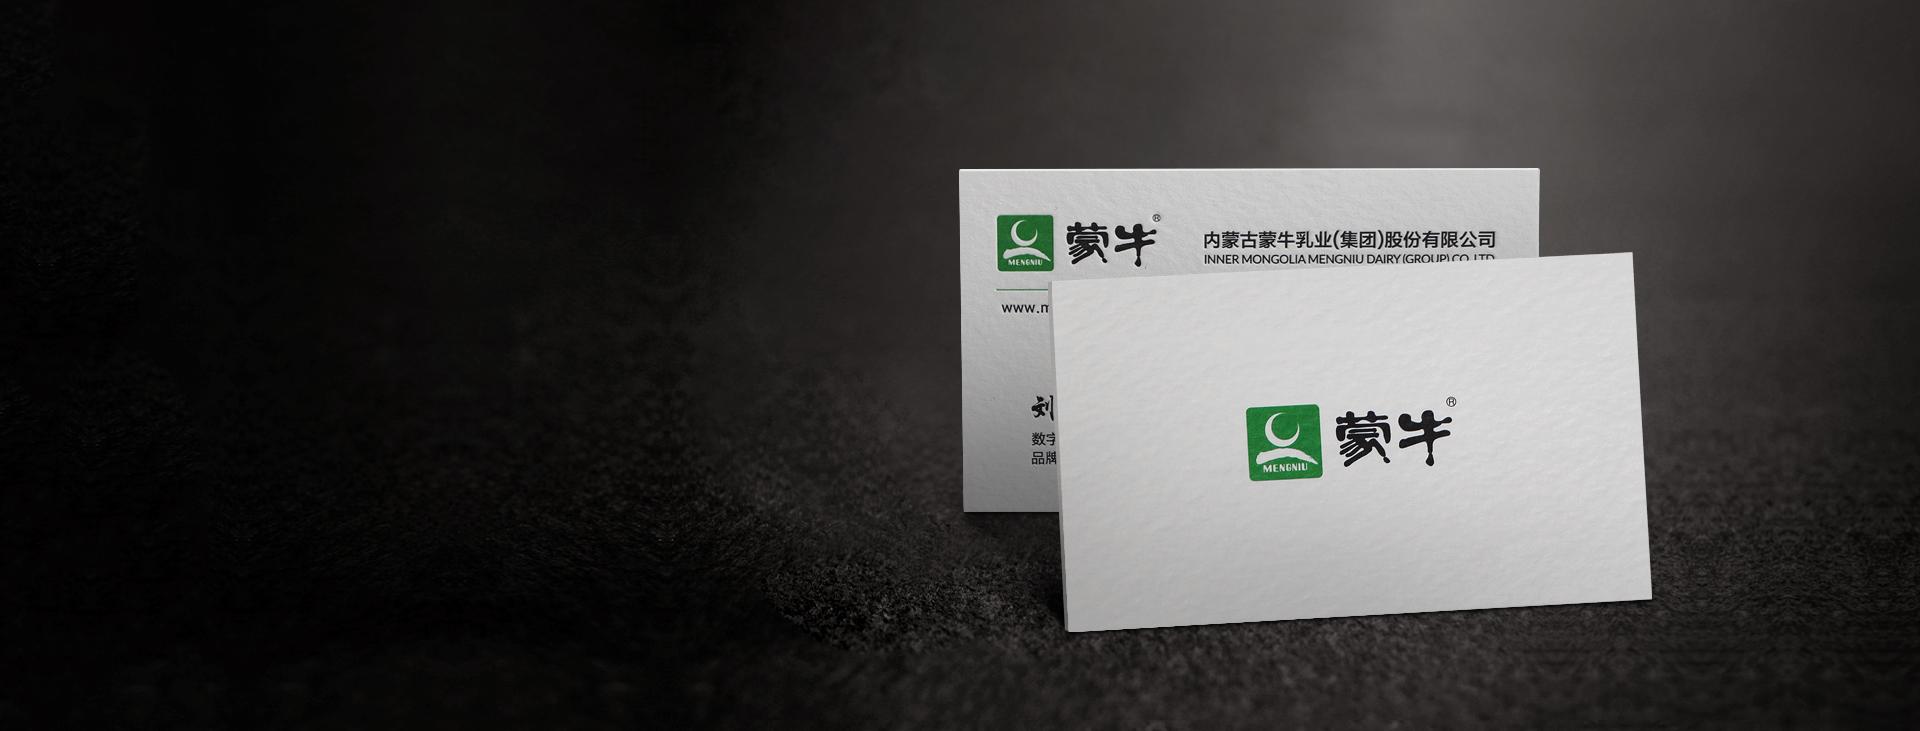 台湾原生棉纸印刷